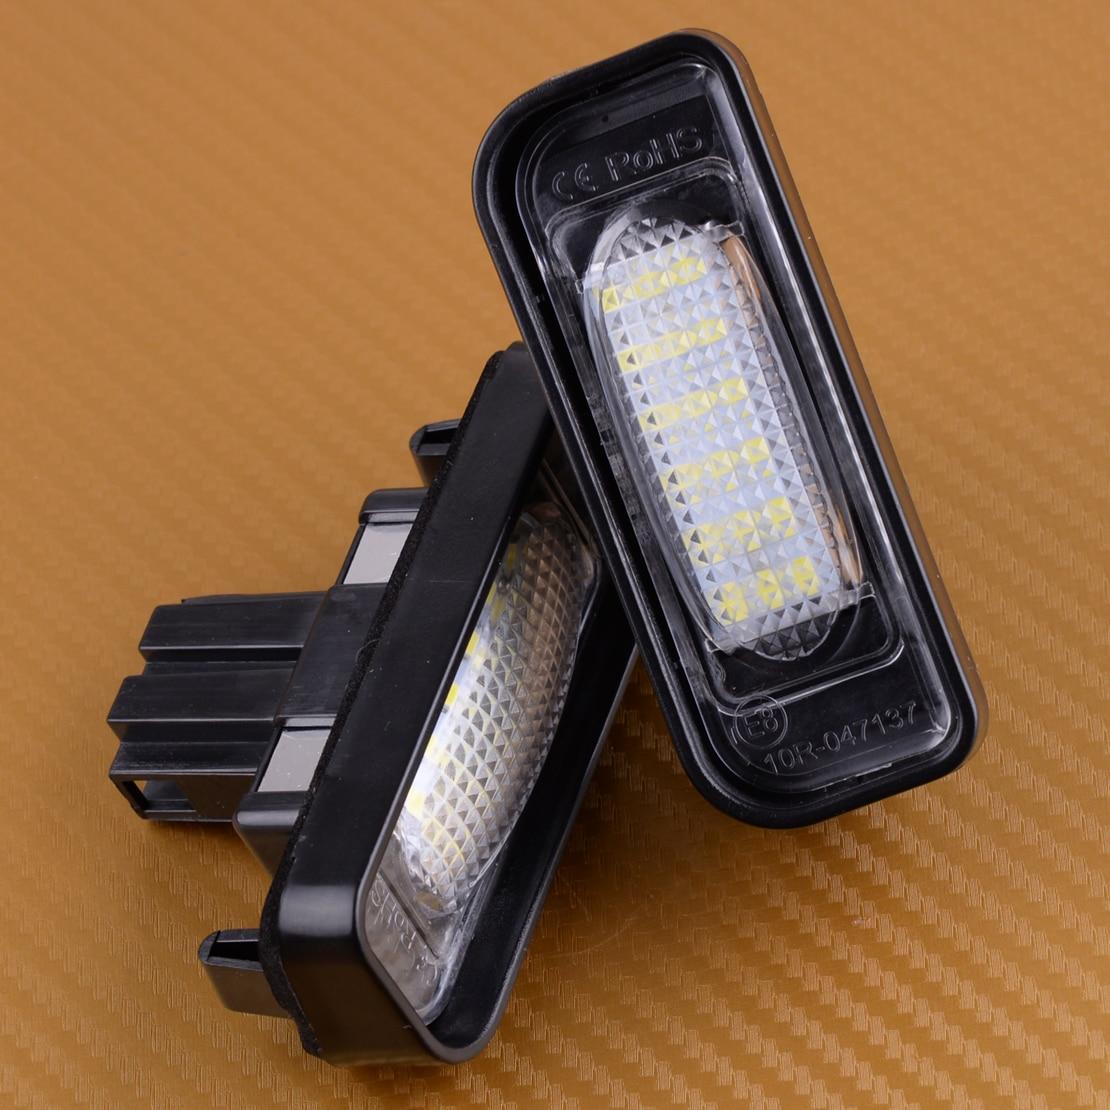 DWCX Voiture 2 pcs Sans Erreur LED Plaque D'immatriculation de La Lampe fit pour Mercedes Benz W220 S320 S350 S500 S55 S600 S65 1999 2000 2001-2005